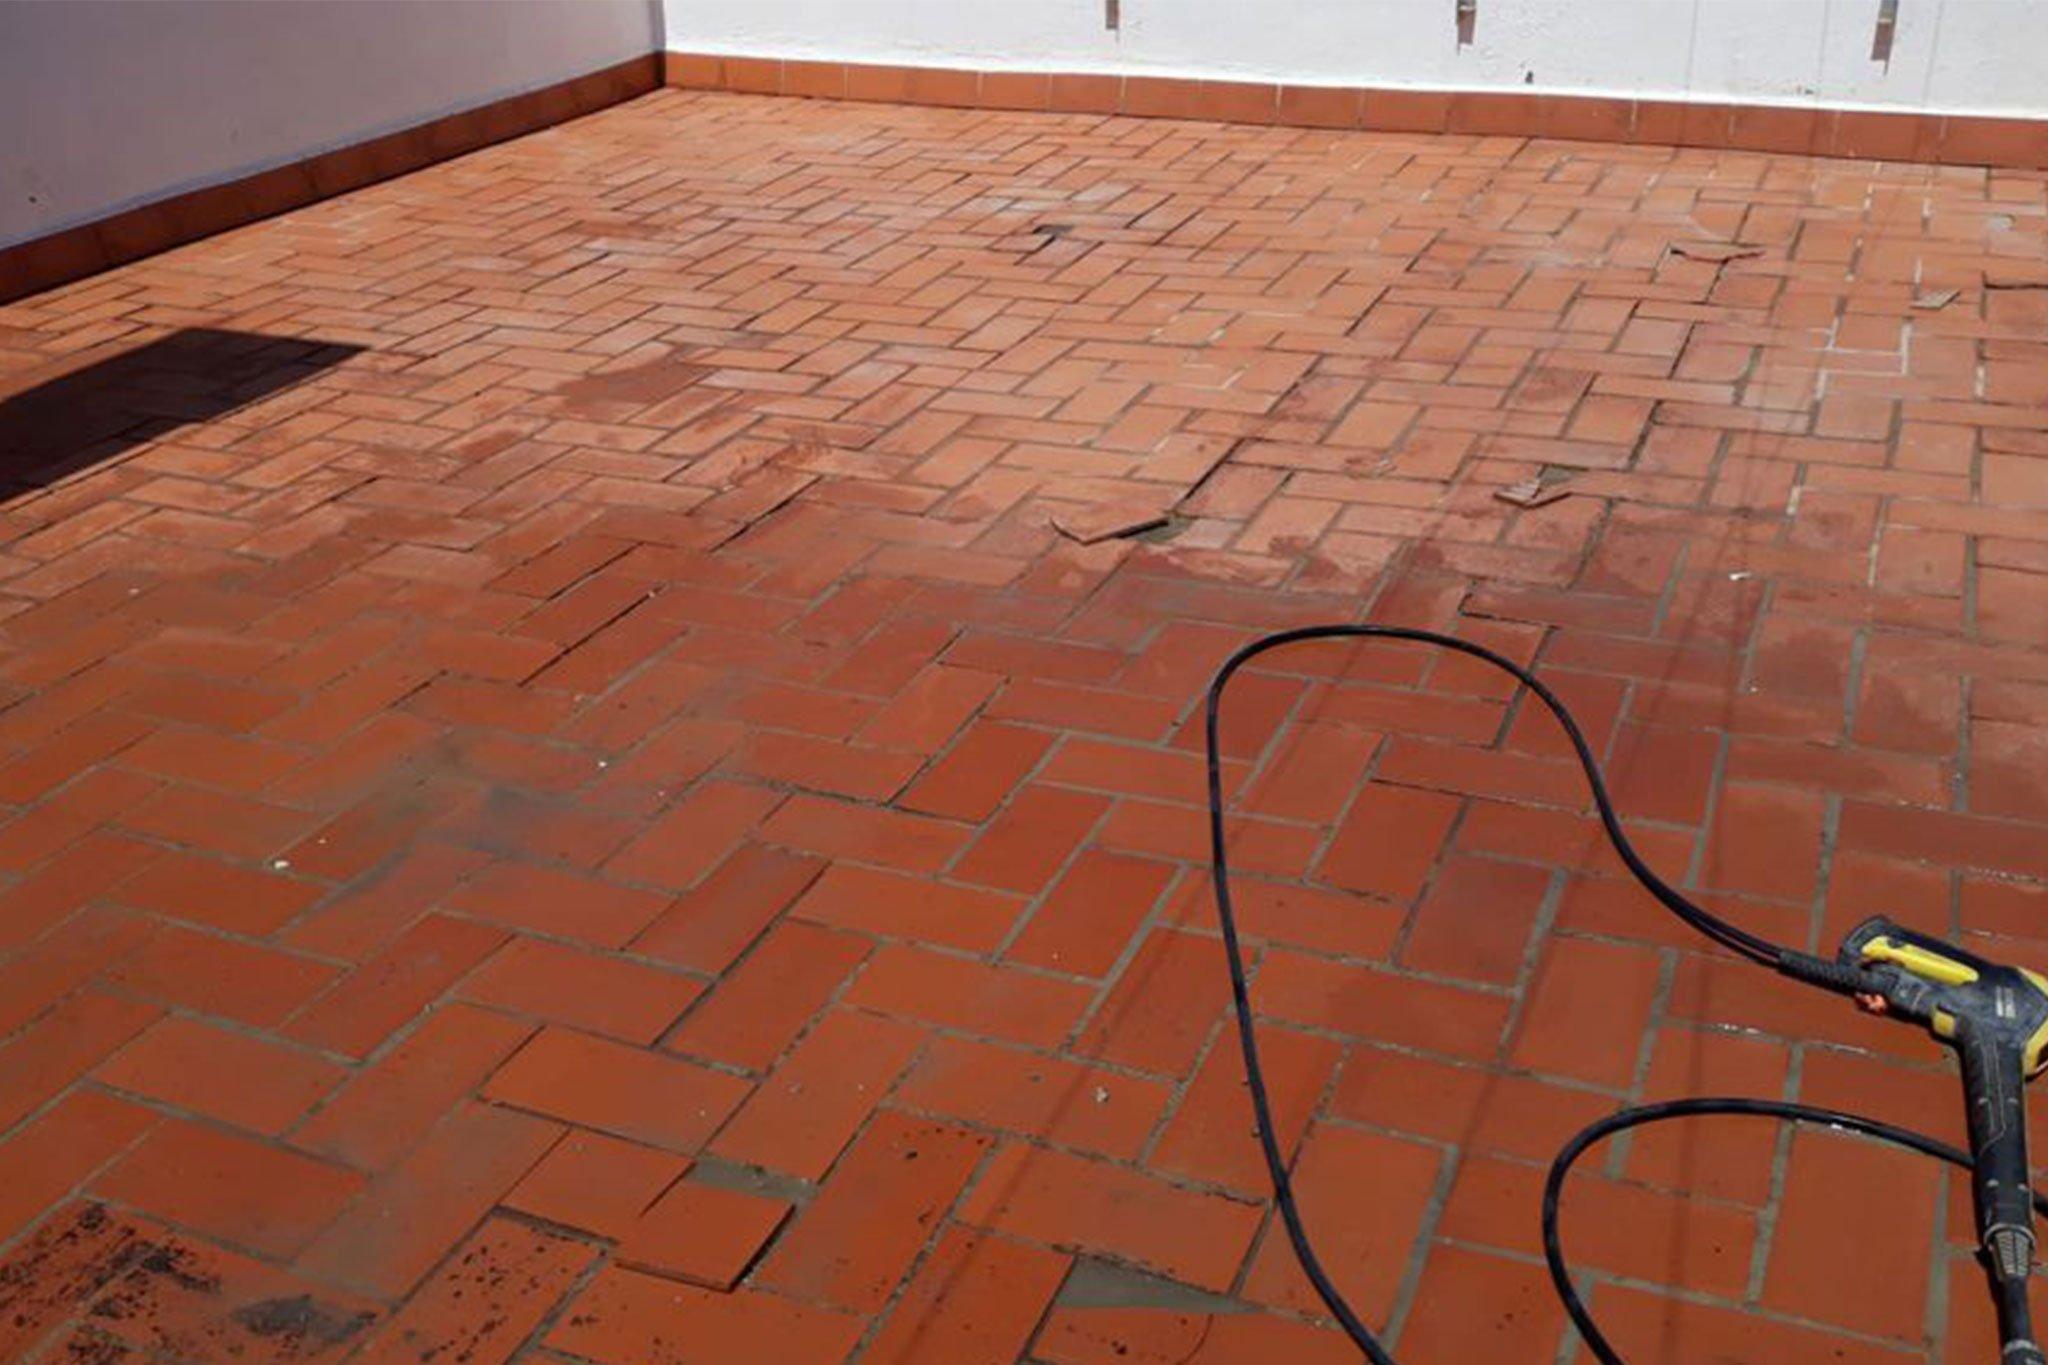 Terraza deteriorada pendiente de impermeabilización – Pinturas Juanvi Ortolà